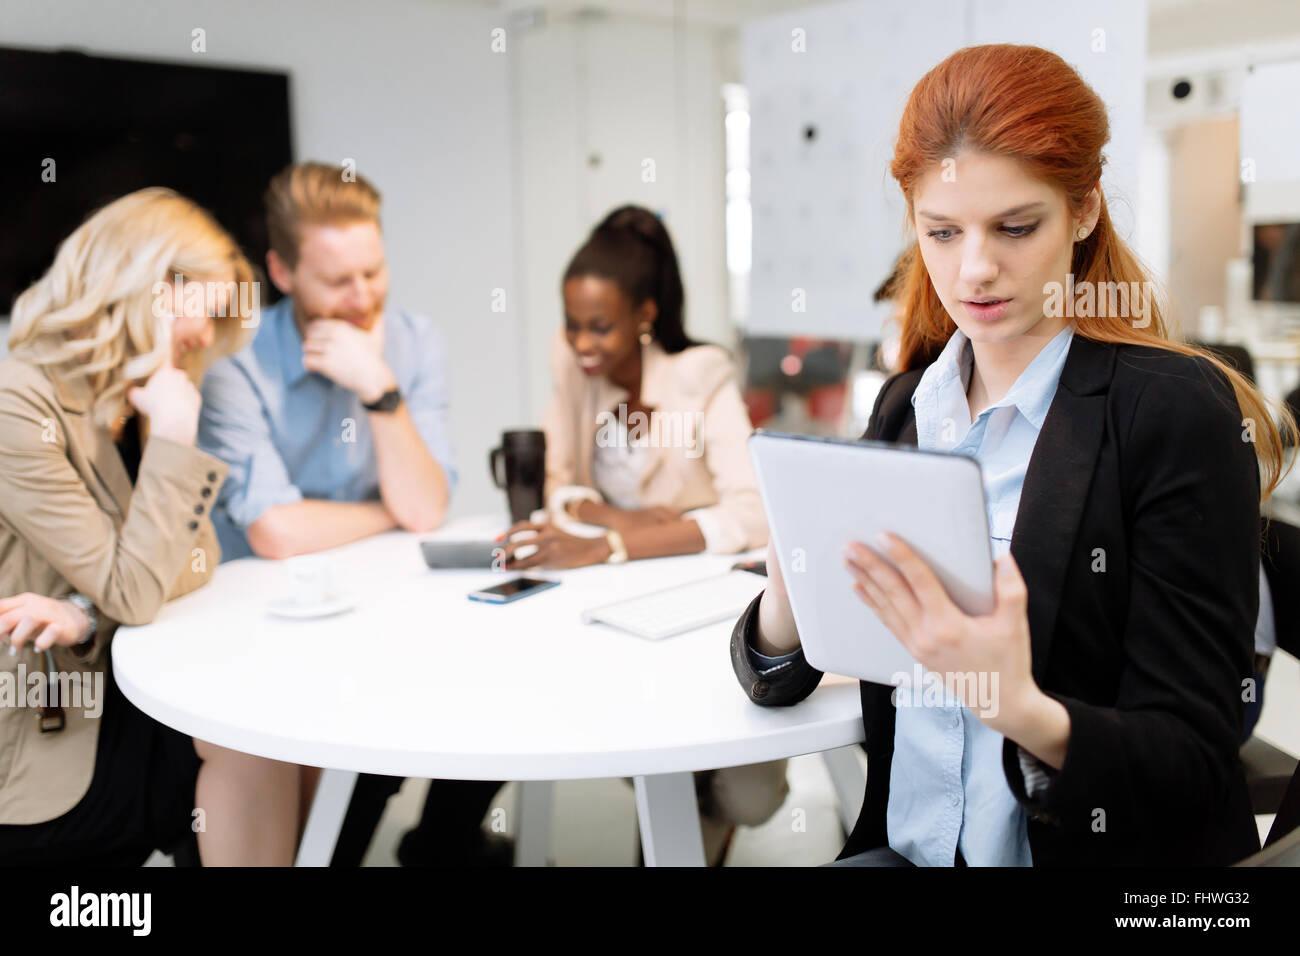 CEO der Firma holding Tablette Vorstandssitzung während Mitarbeiter neue Strategie diskutiert Stockbild